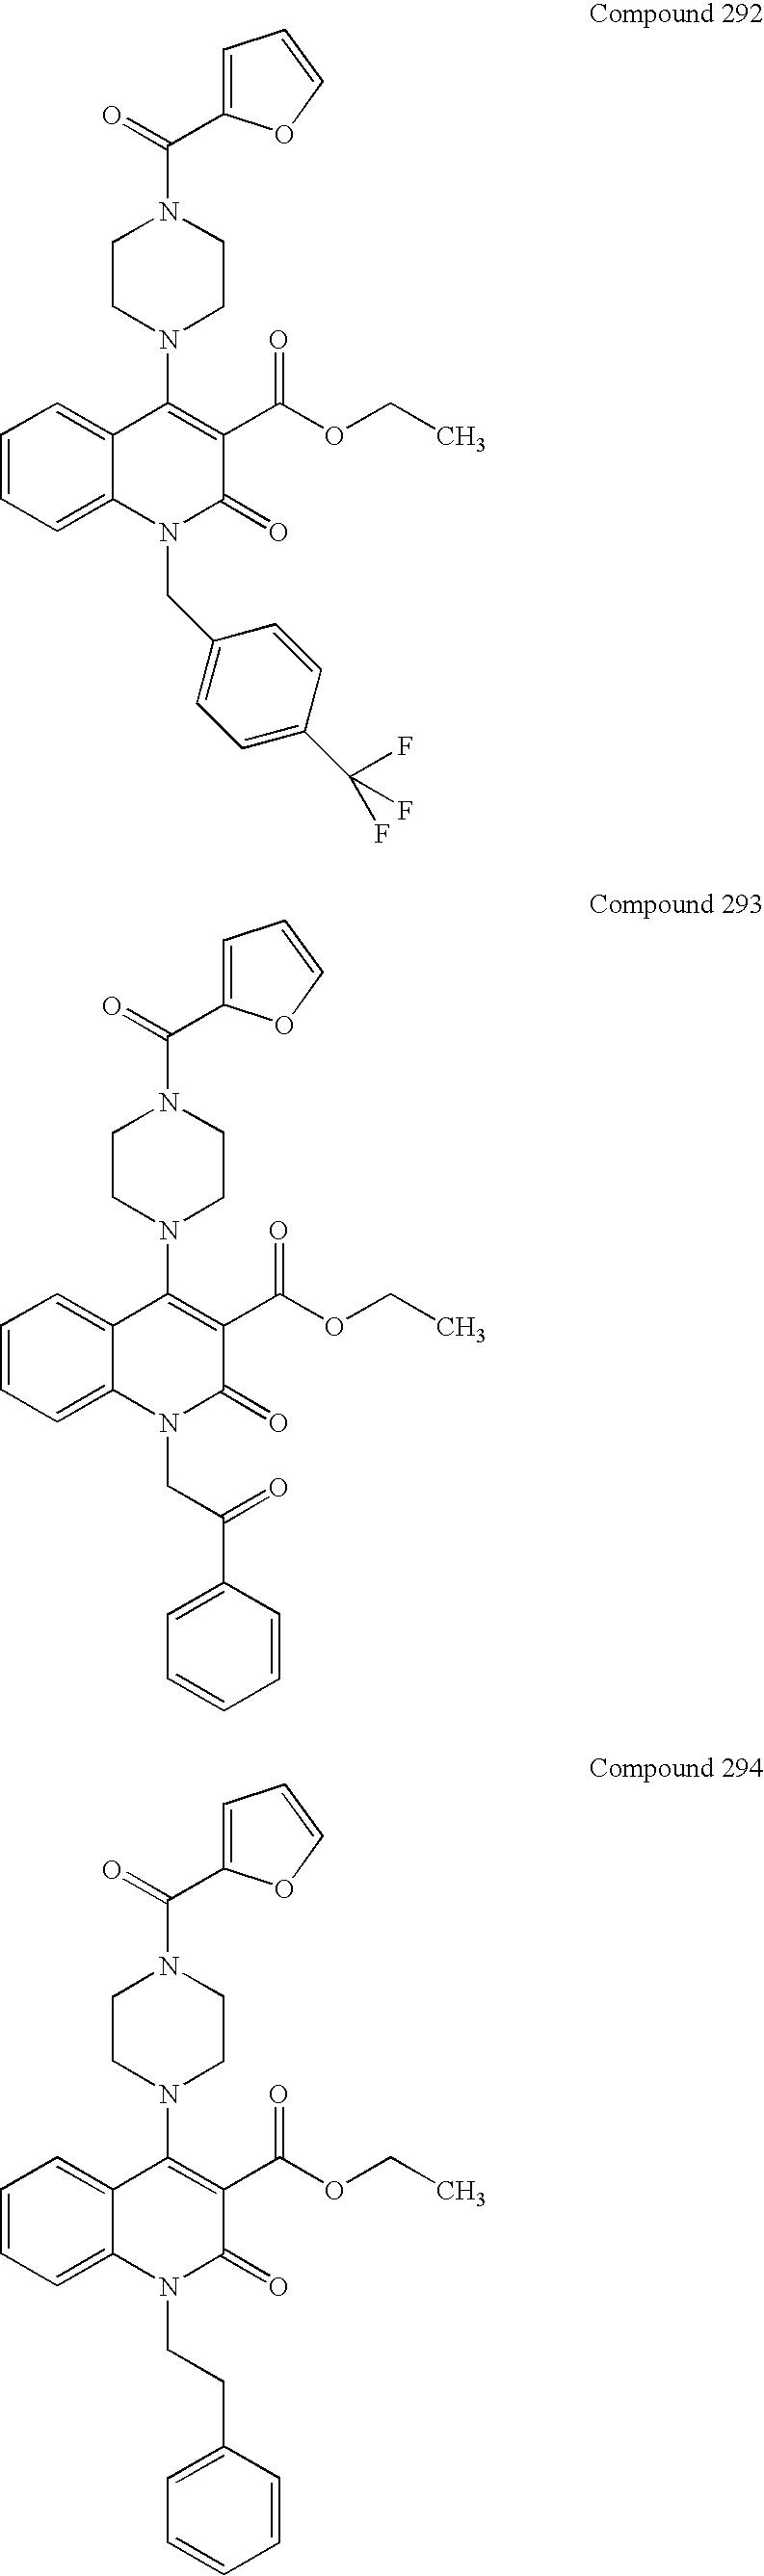 Figure US07230106-20070612-C00142